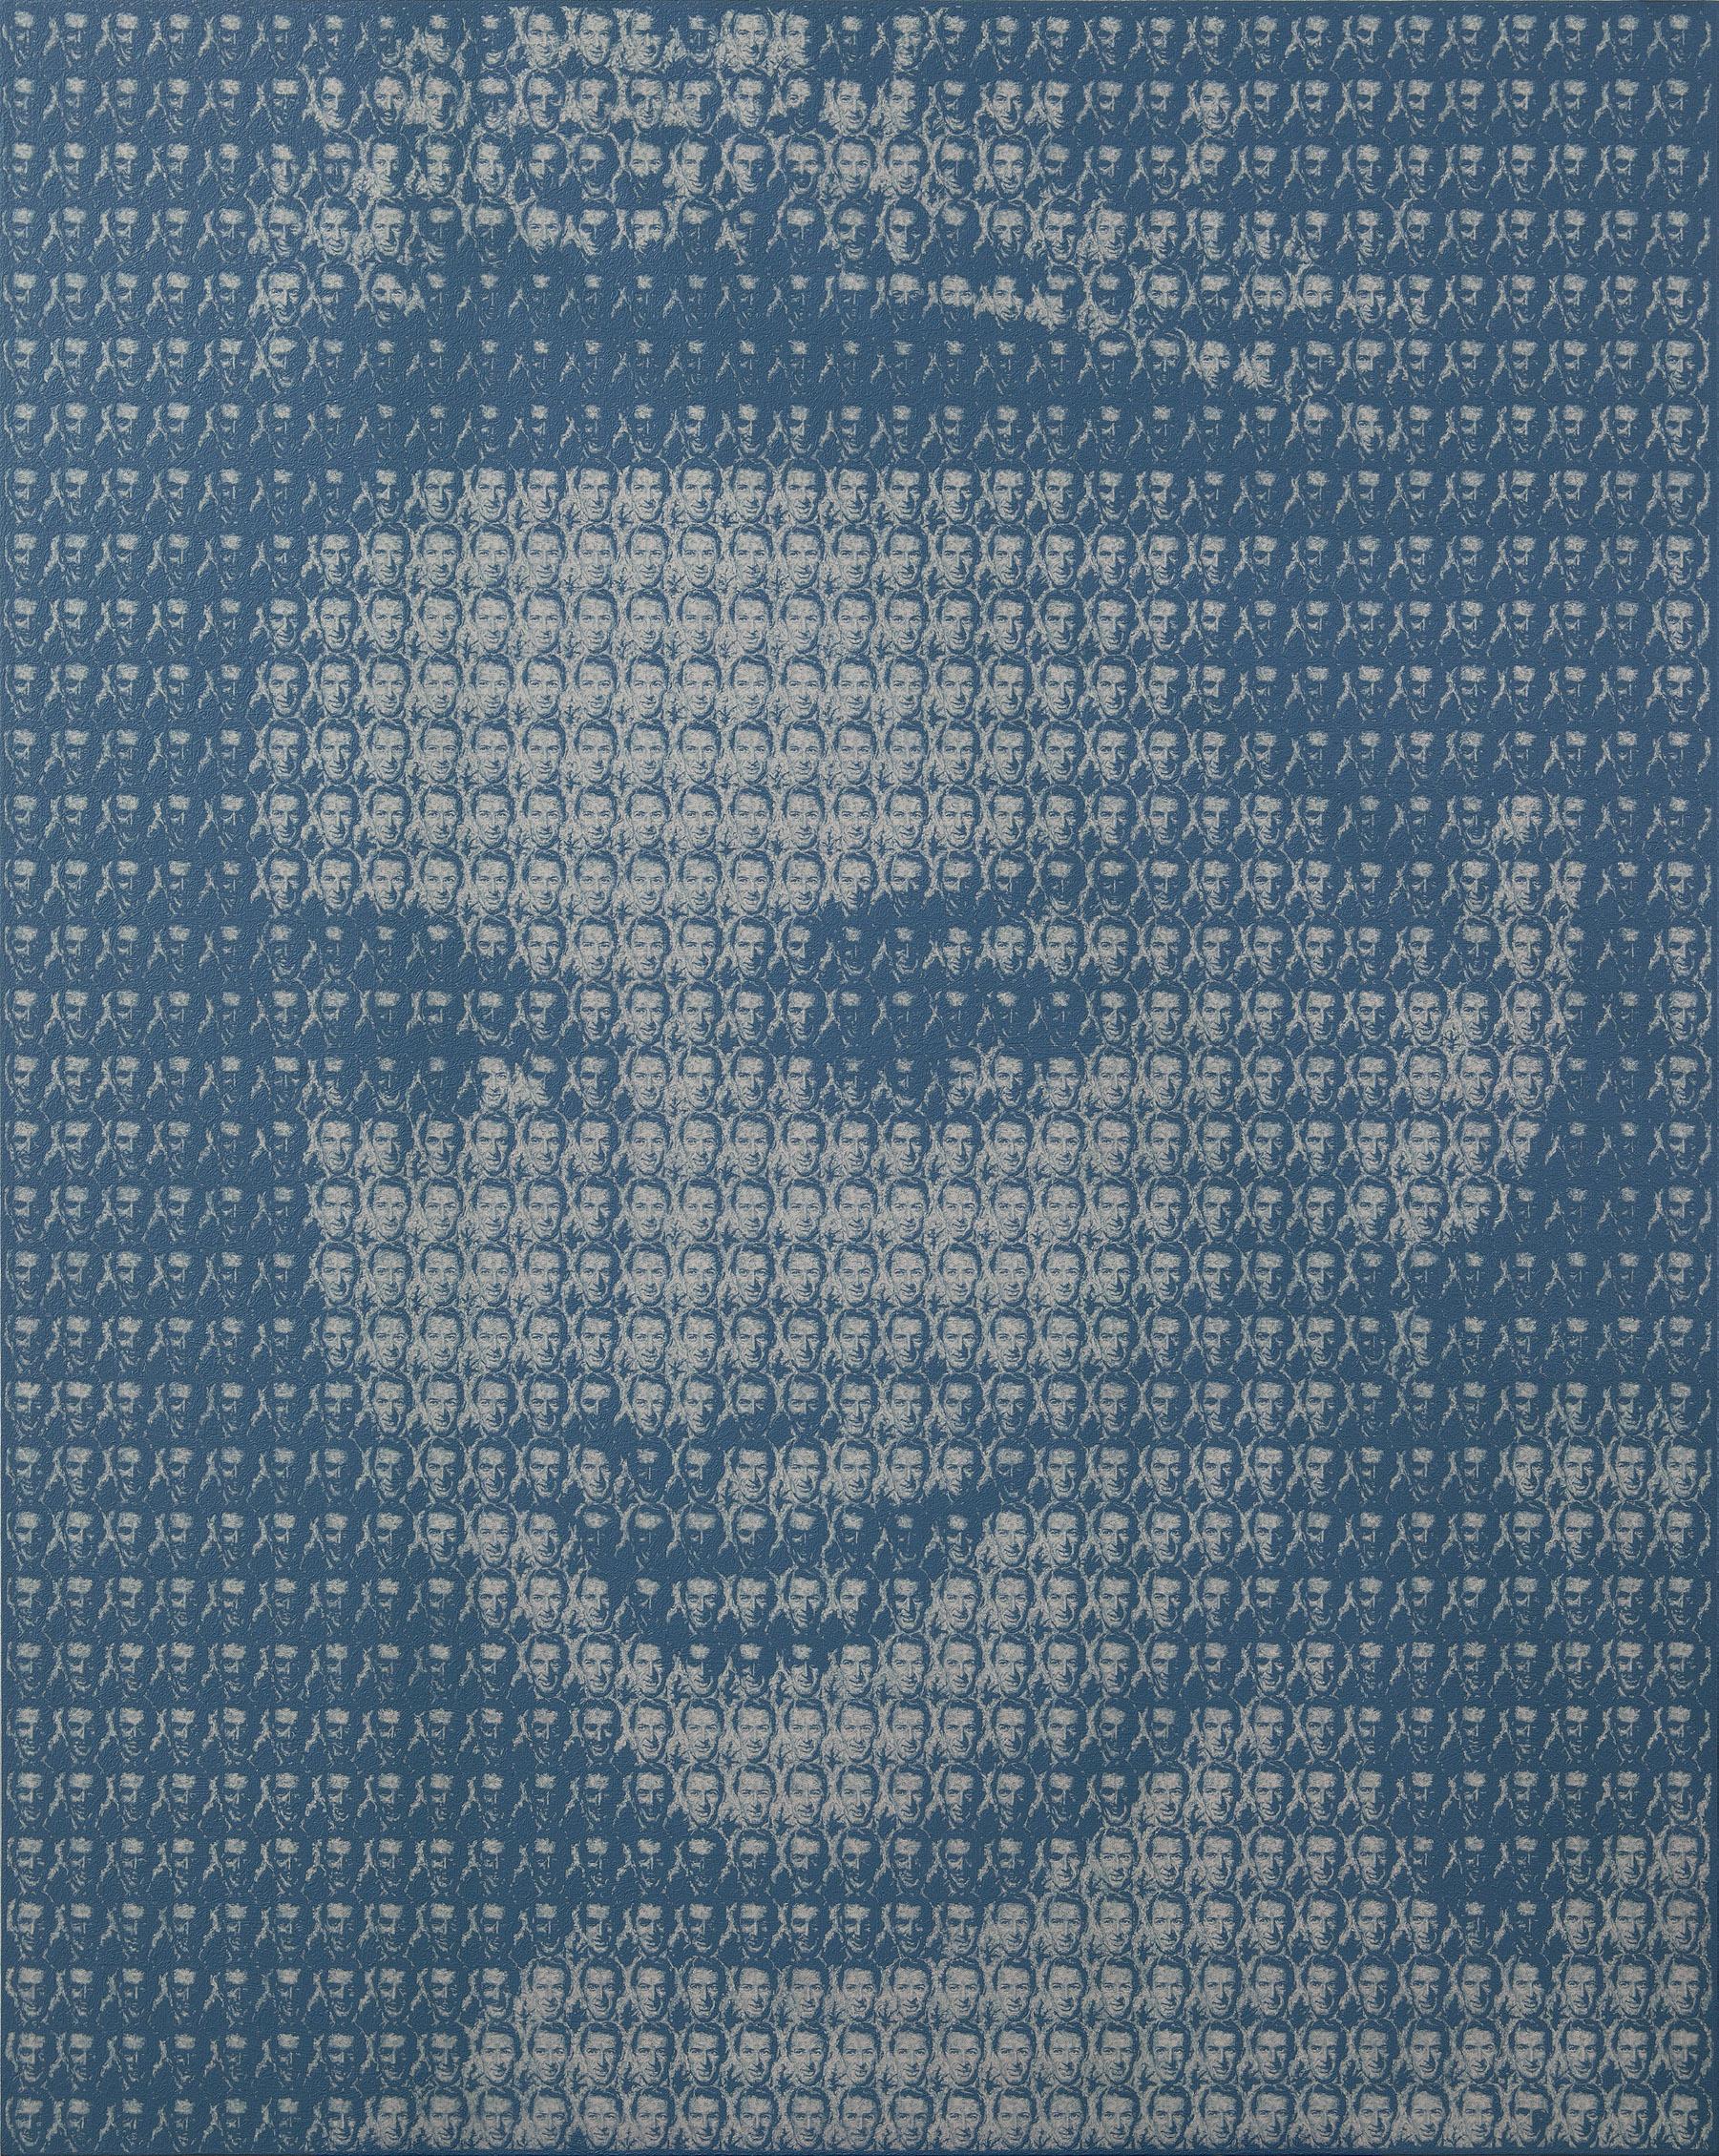 Audrey Hepburn VS Gregory Peck